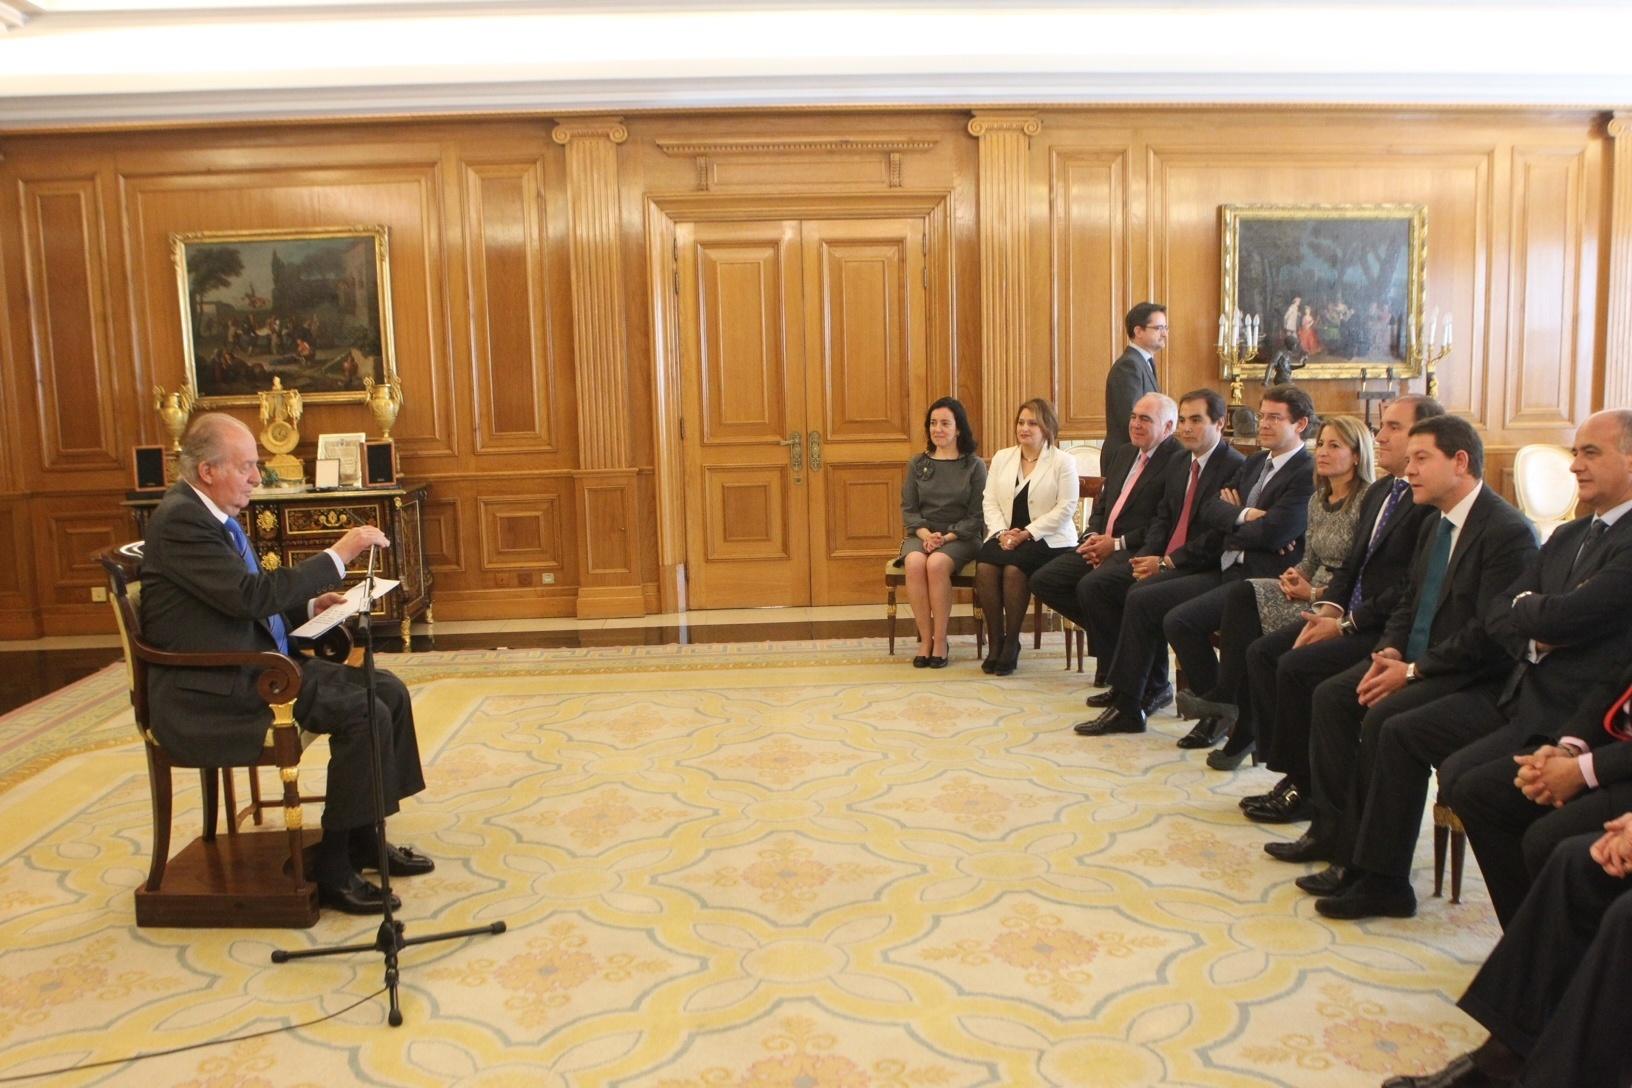 La alcaldesa de Cáceres transmite al Rey Don Juan Carlos la importancia del patrimonio como «motor económico»